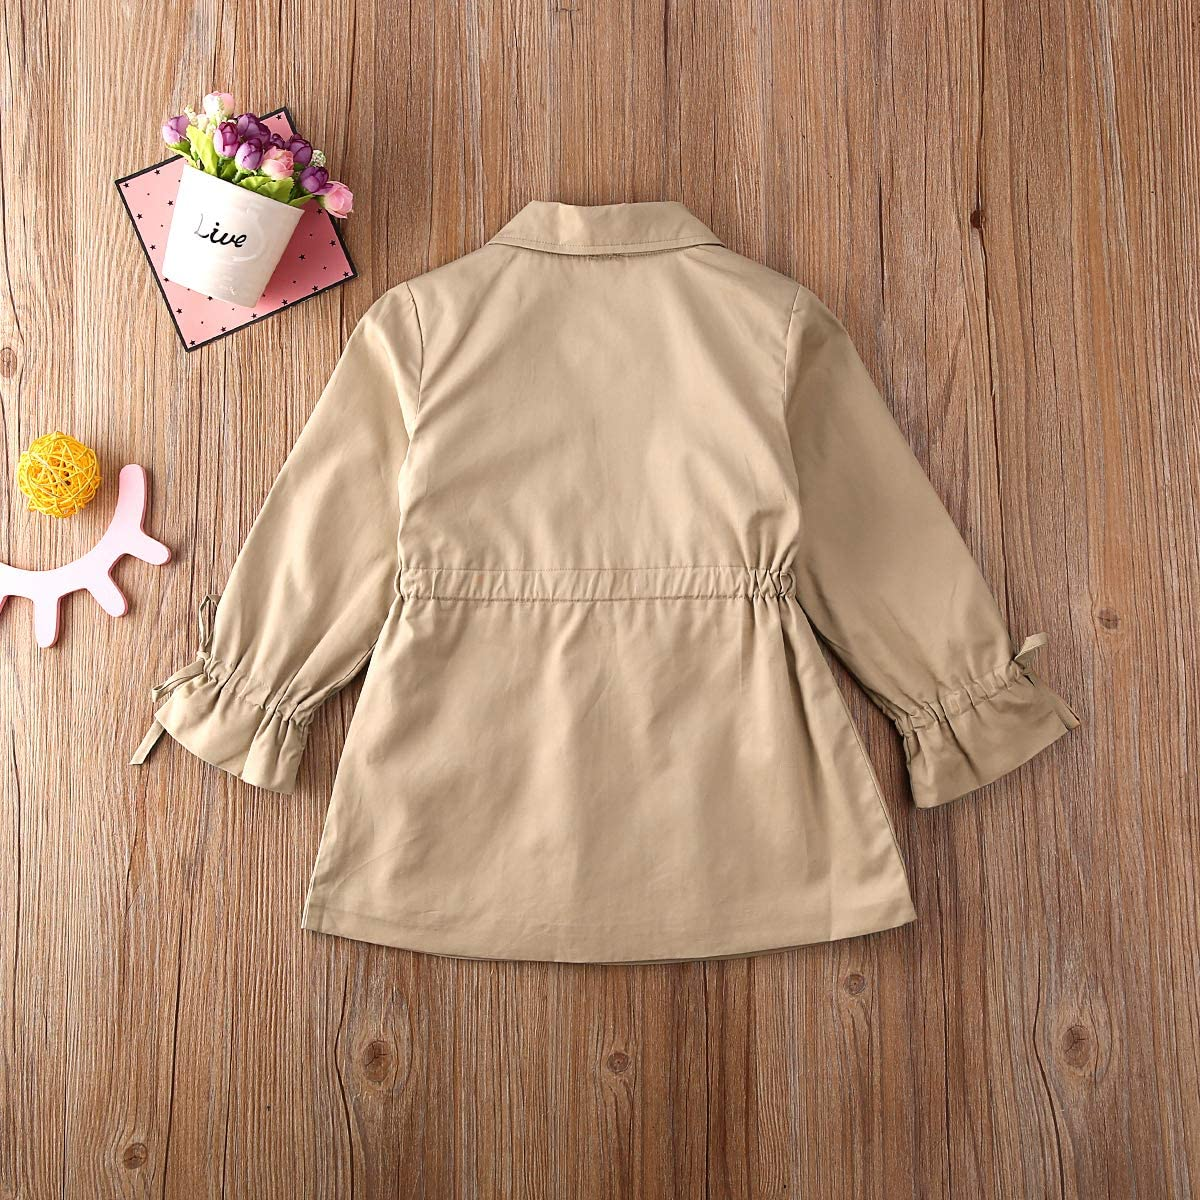 Geagodelia Cappotto Bambina Maniche Lunghe in Tinta Unita Giubbotto Giacca Ragazza Primaverile e Autunnale Stile Britannico 2-7 Anni